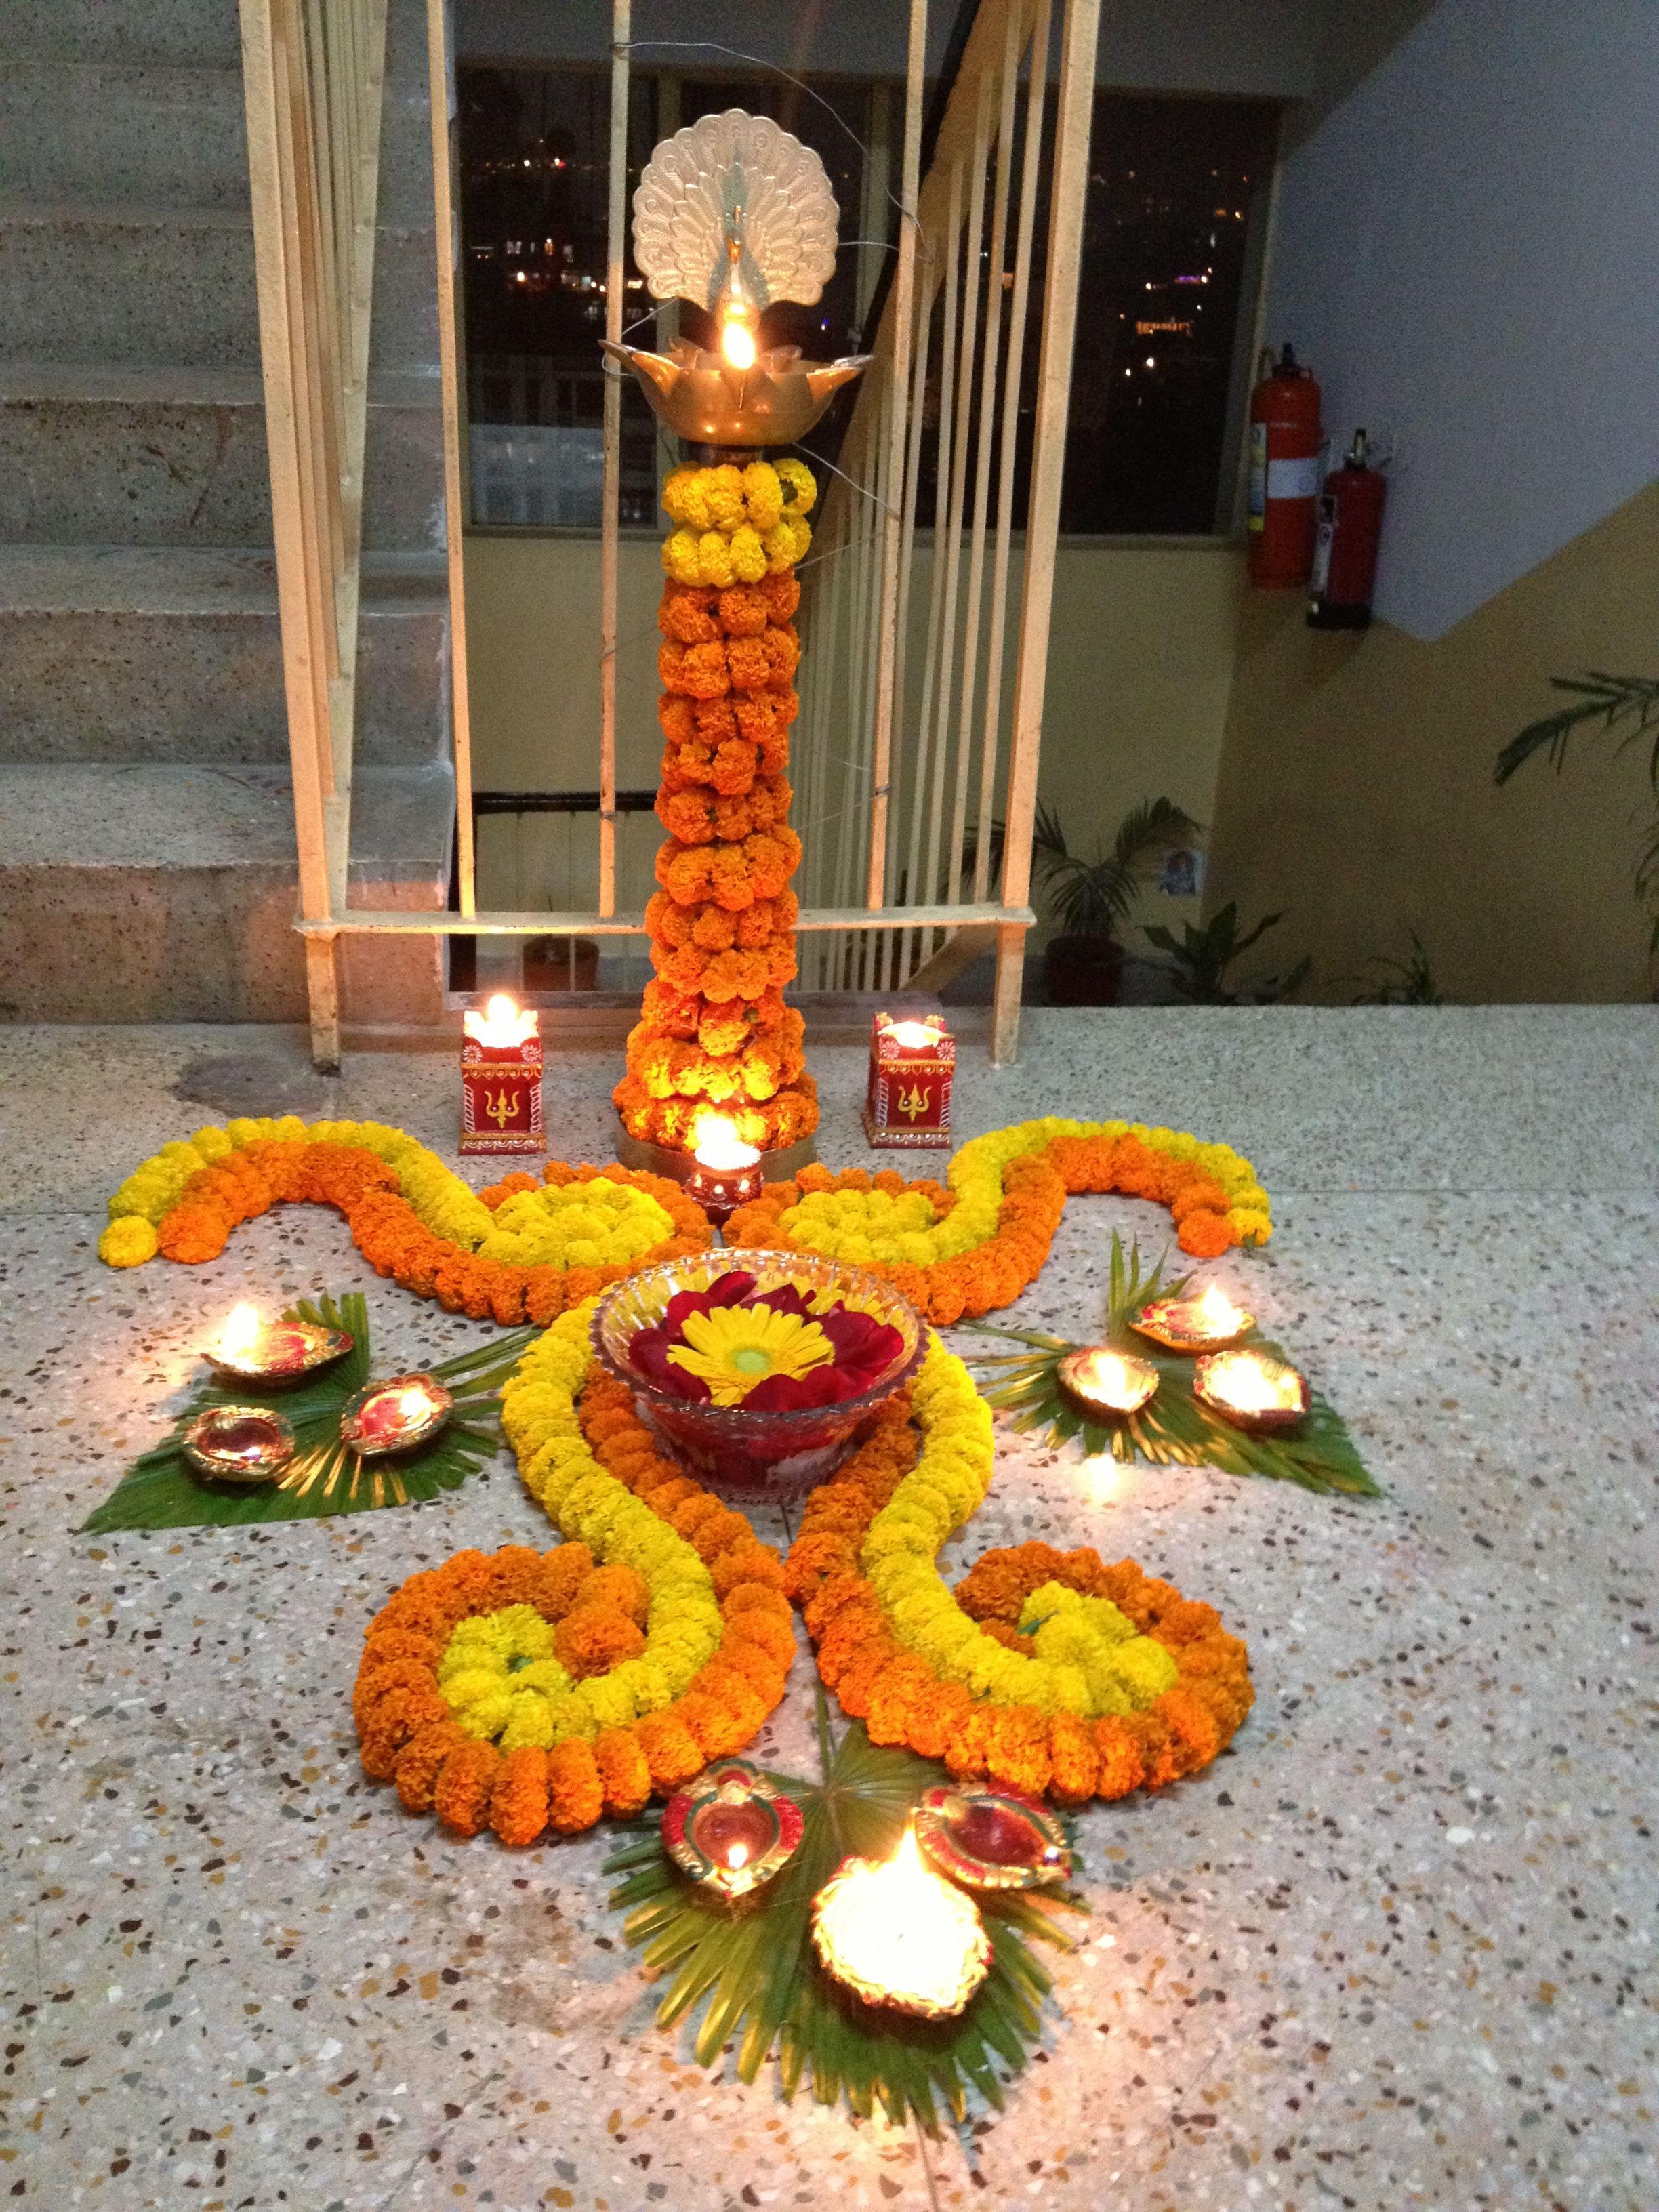 Best Simple Flower Decorations Diy Diwali Decorations 640 x 480